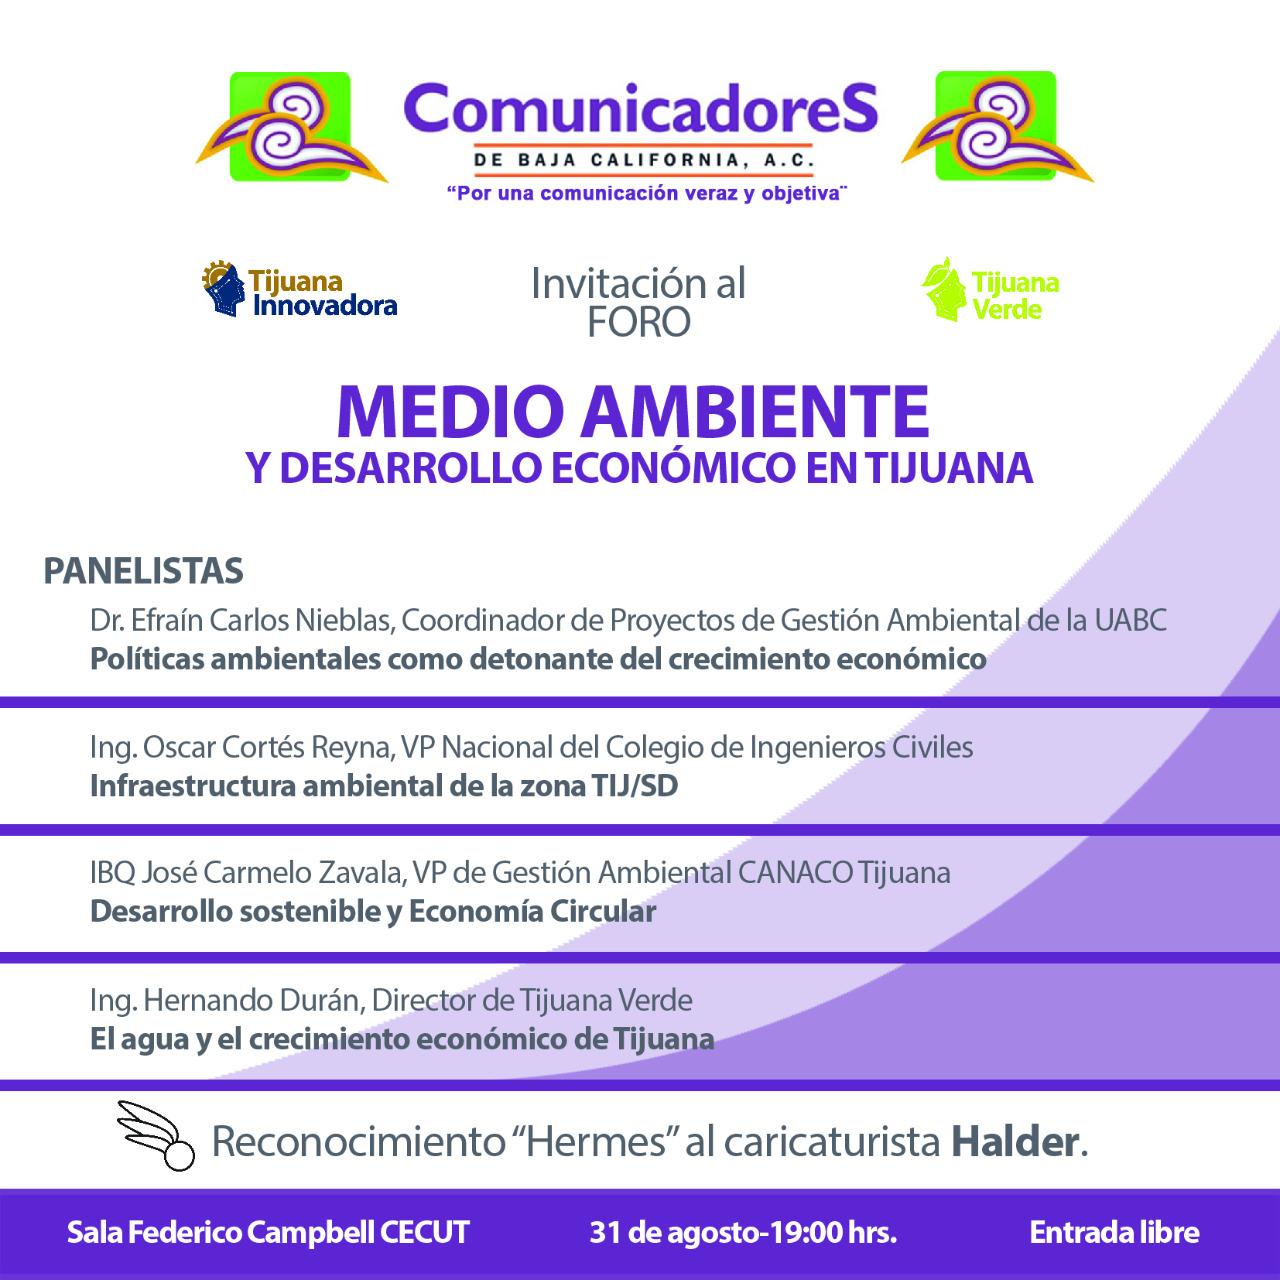 Hoy,  Foro de Comunicadores y reconocimiento especial para Halder